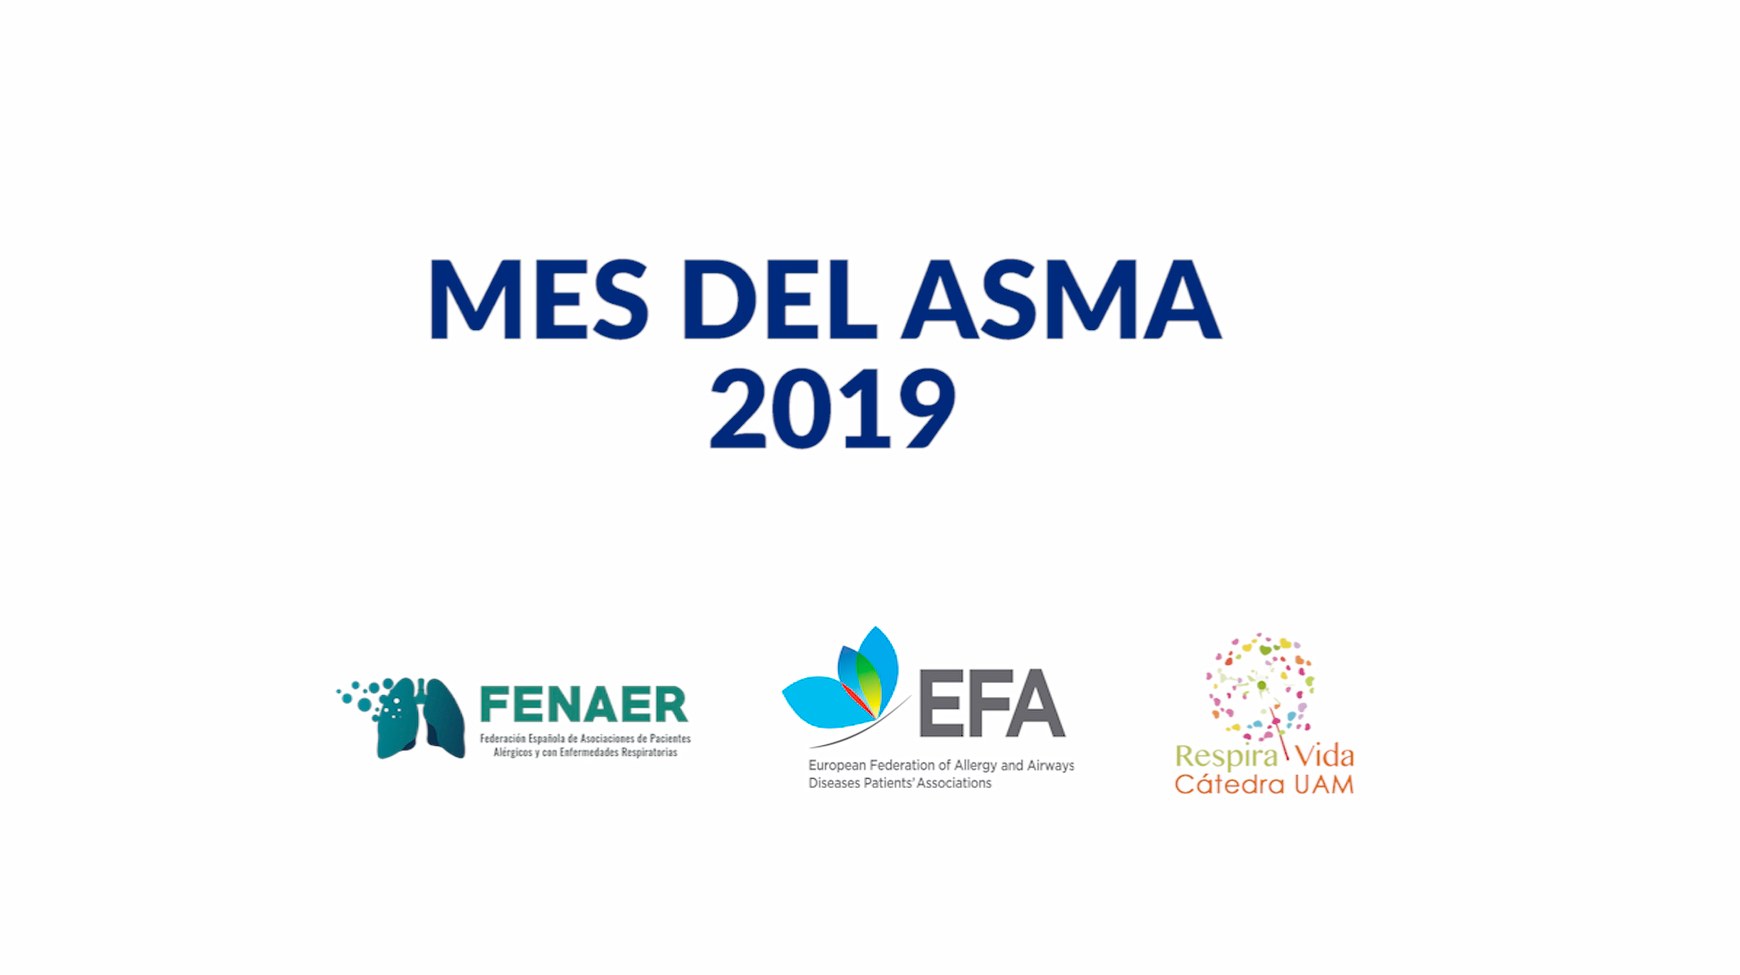 FENAER organiza el Mes del ASMA 2019 como ampliación al Día Mundial de esta enfermedad